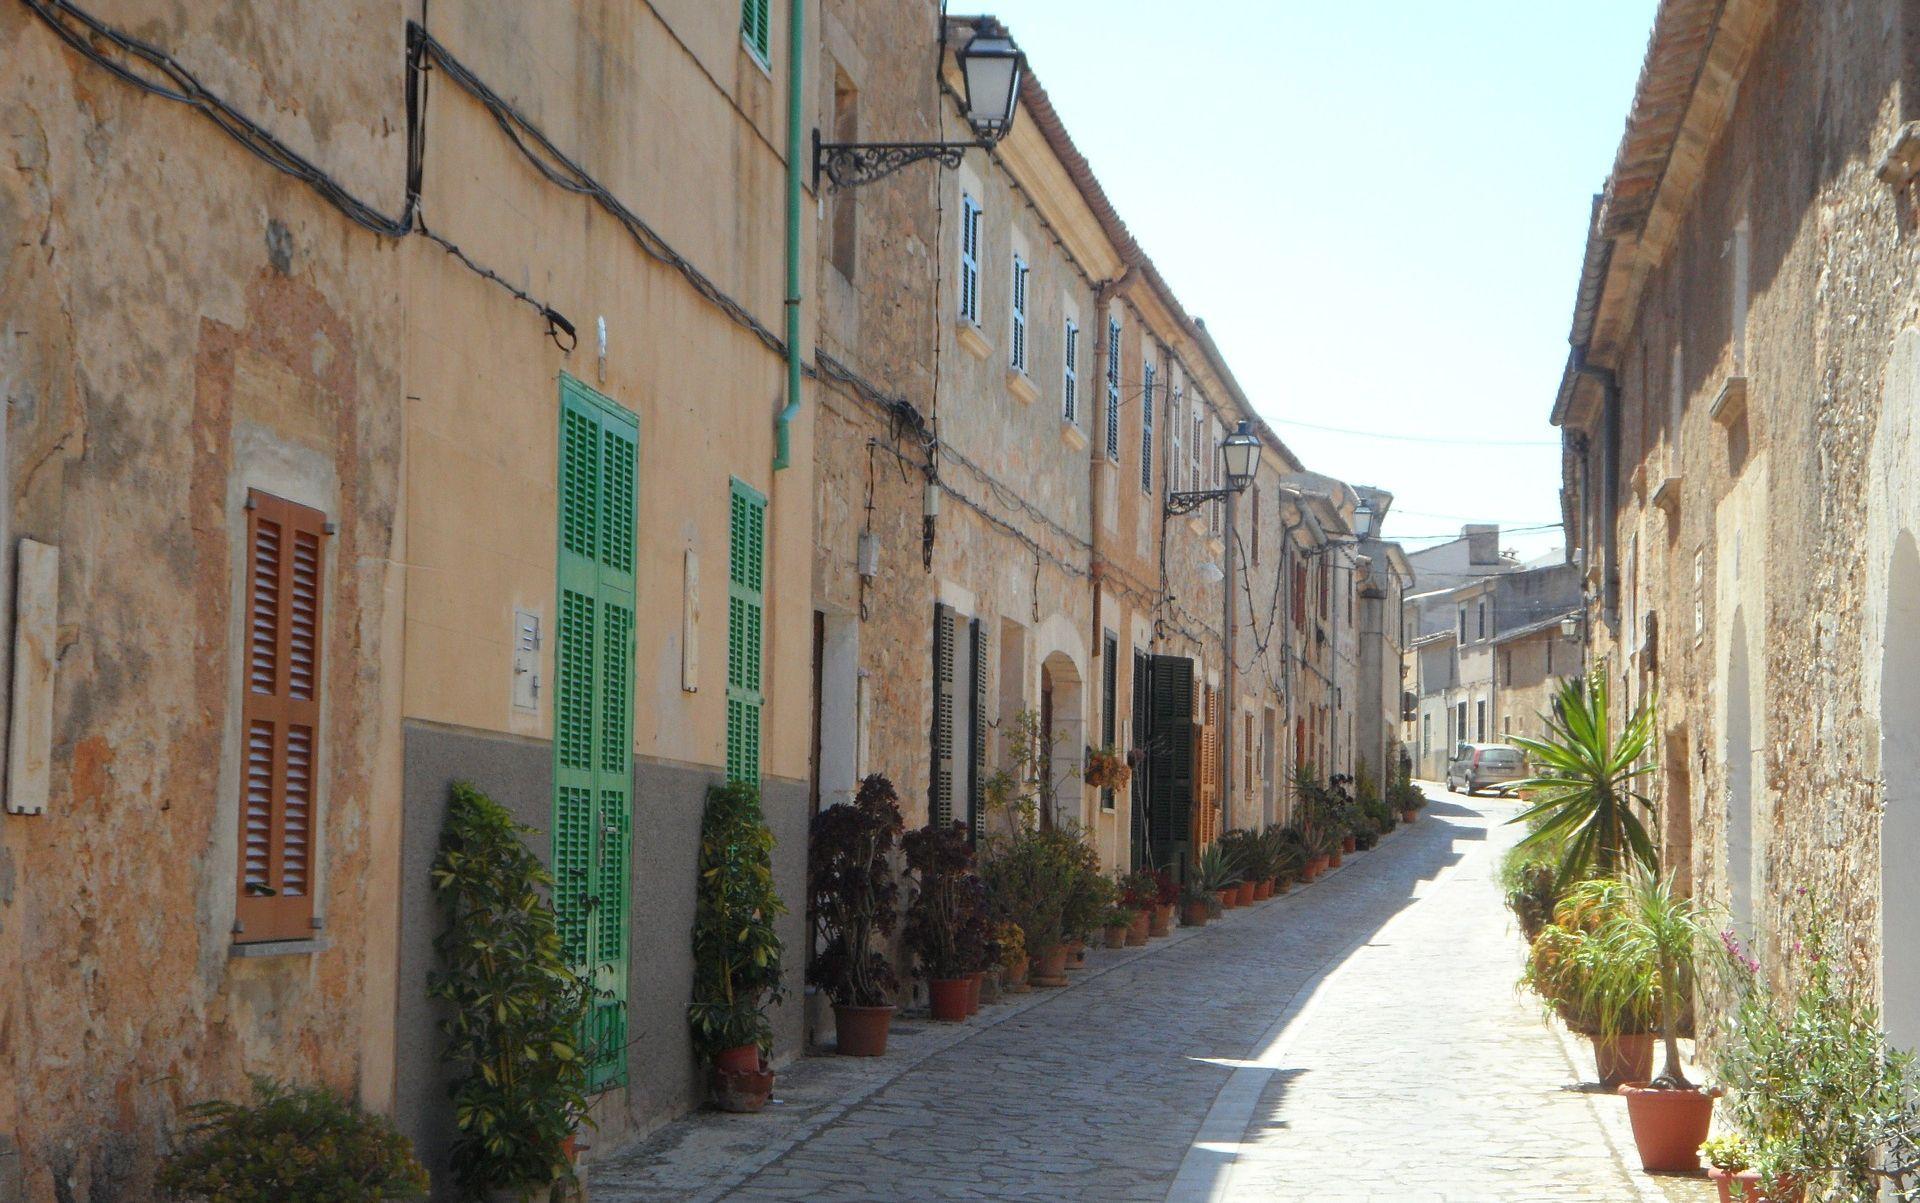 SAN VICENTE DE LA BARQUERA Španjolski gradić u kojem turisti i stranci biraju imena ulica